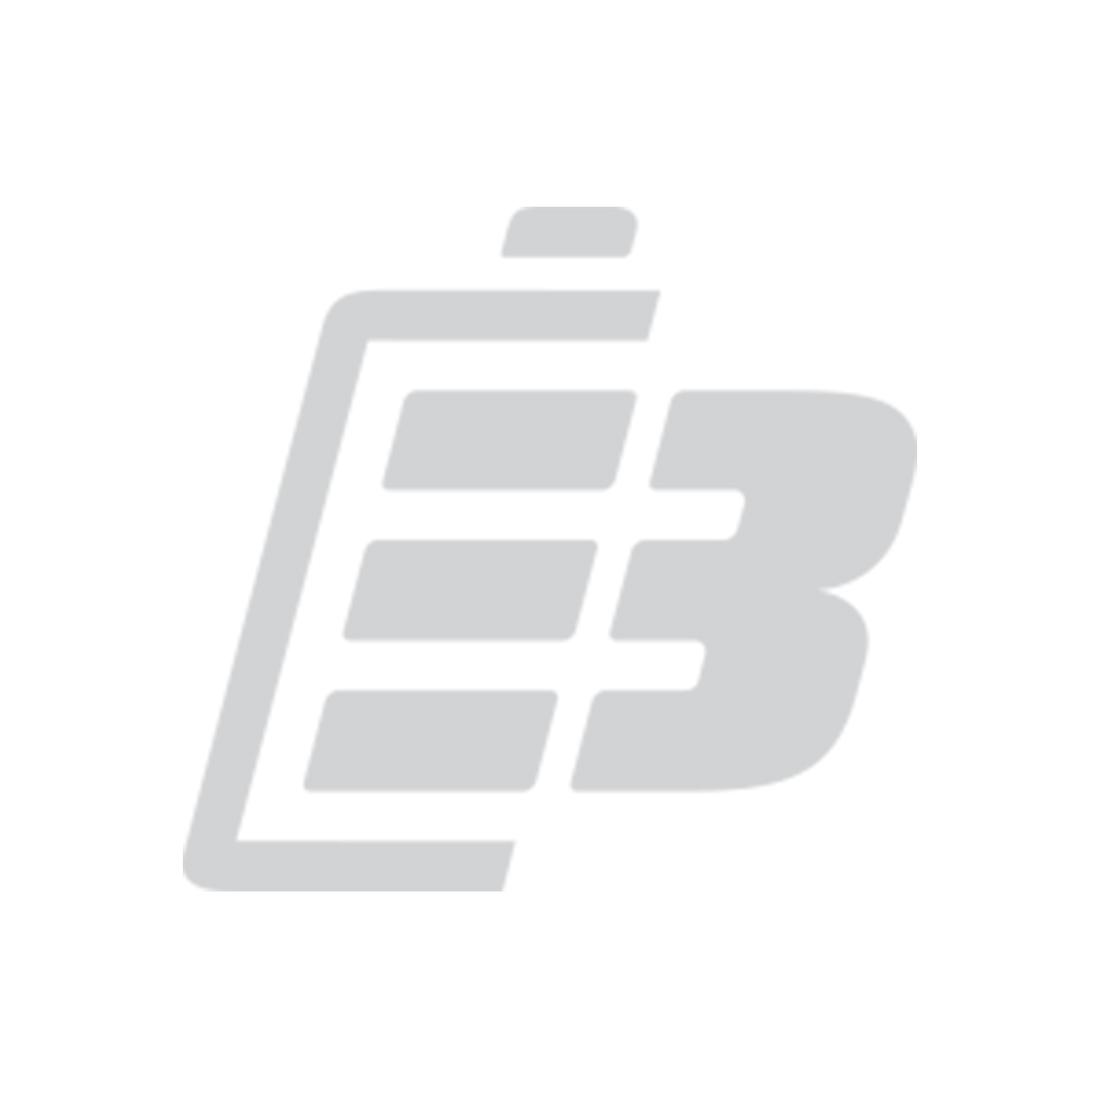 Μπαταρία smartphone Samsung Star 3 S5222_1